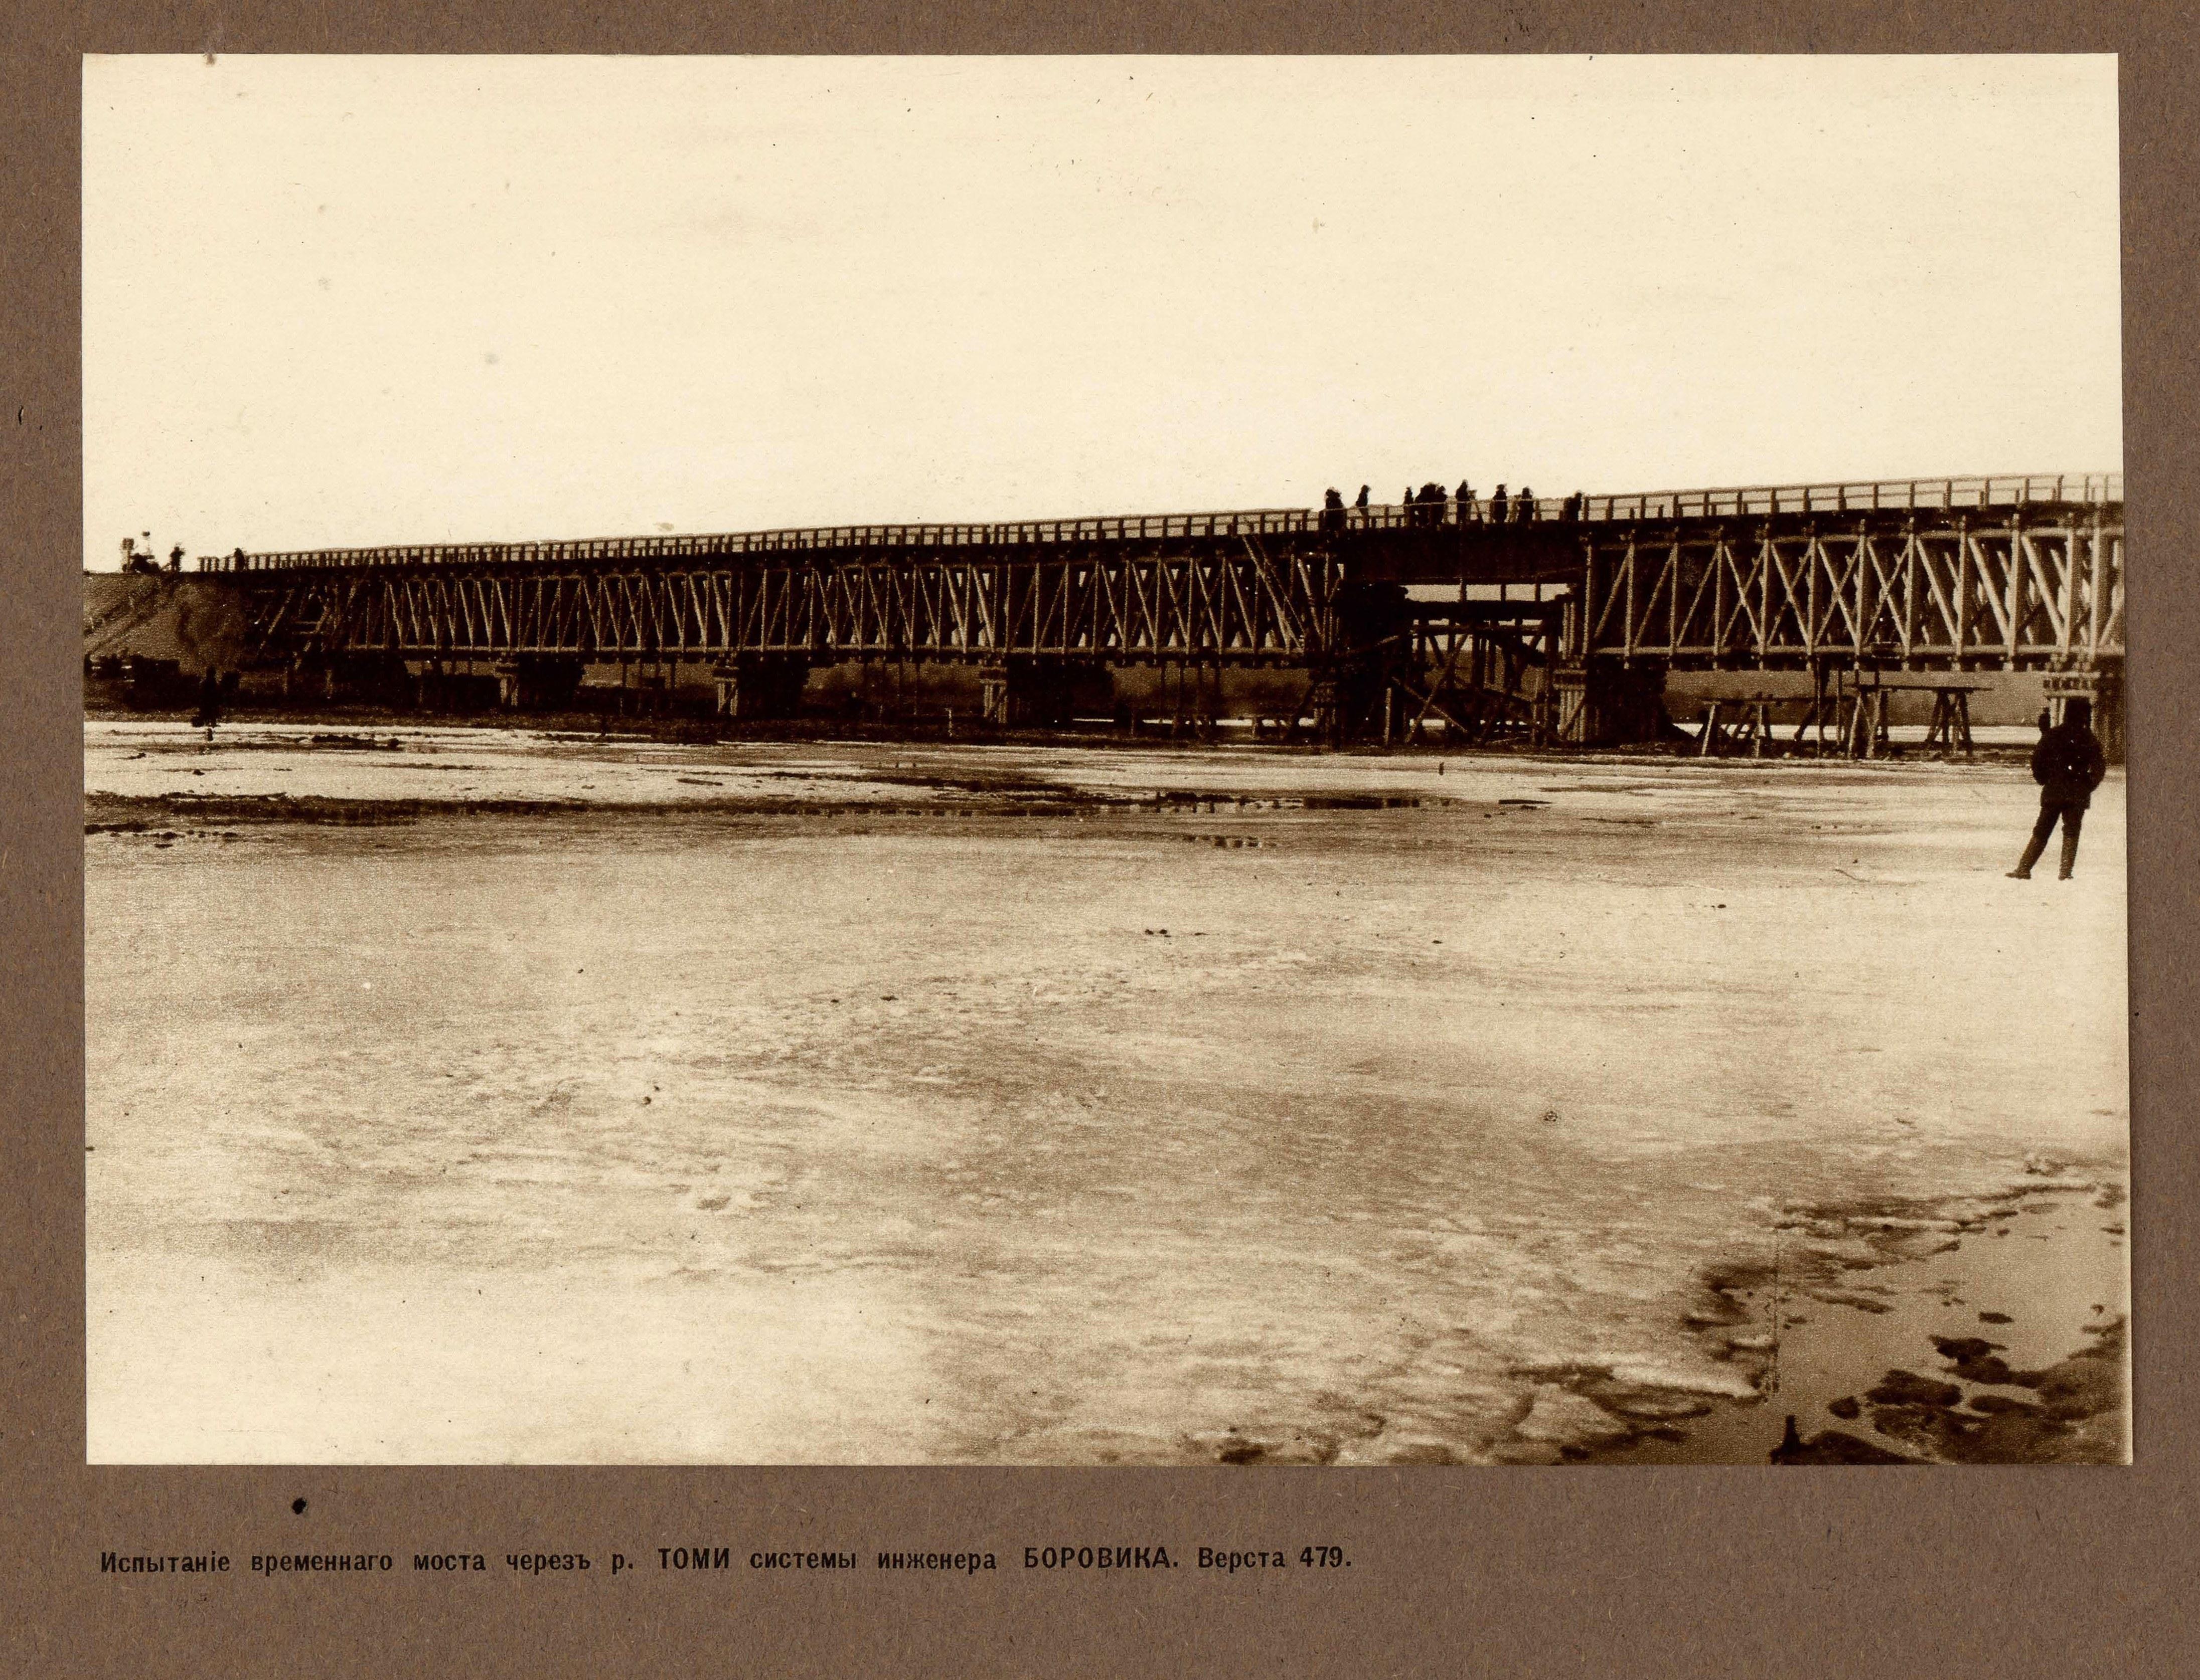 07. Река Томь, верста 479. Испытание временного моста через реку системы инженера Боровика